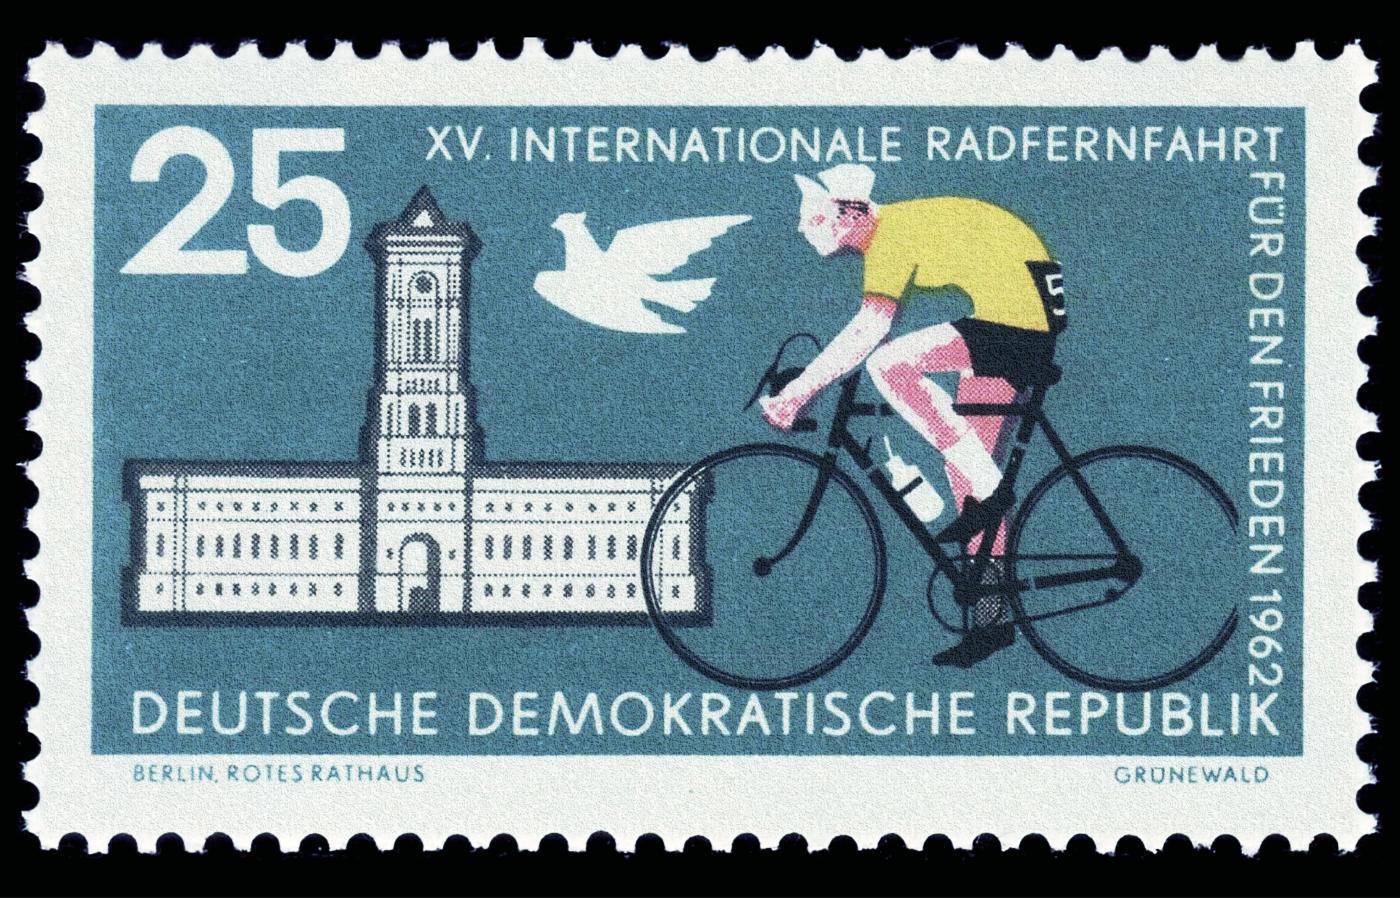 XV. Internationale Radfernfahrt 1962